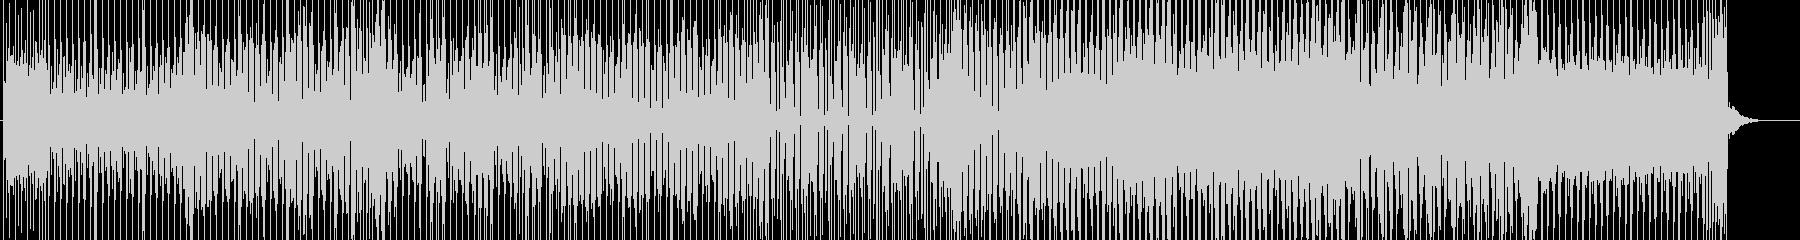 迷宮で戸惑う無機質な感じのテクノ曲の未再生の波形